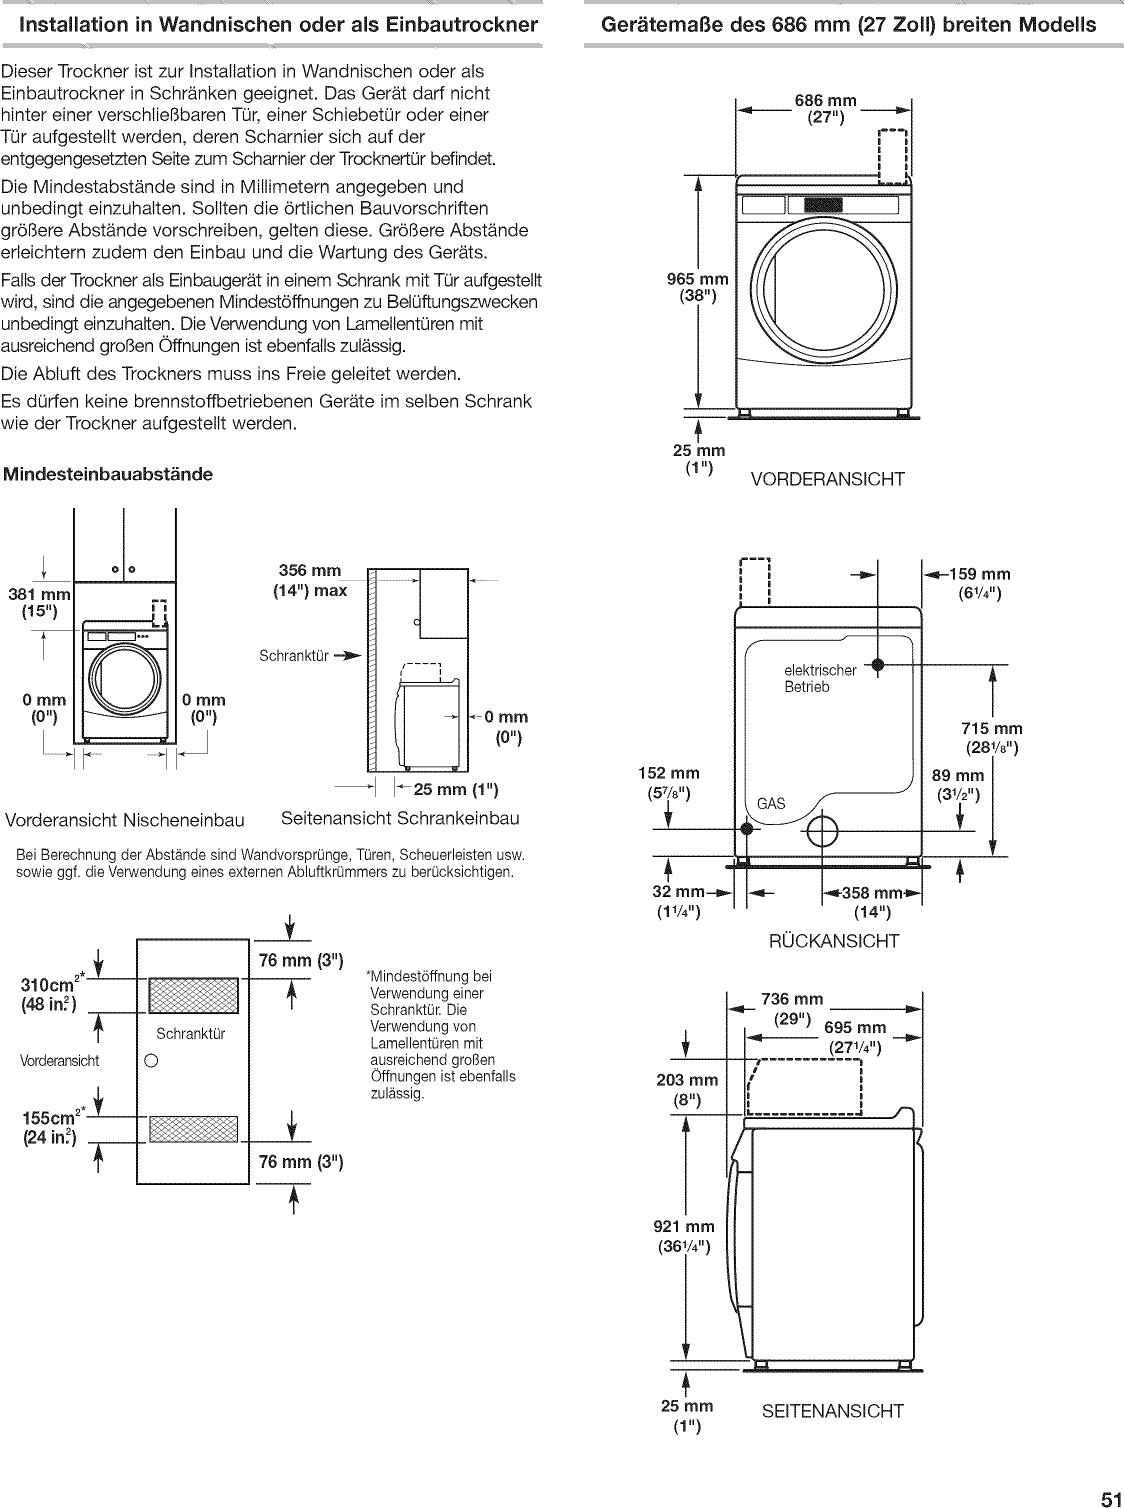 Ausgezeichnet Whirlpool Trockner Schaltplan Galerie - Elektrische ...